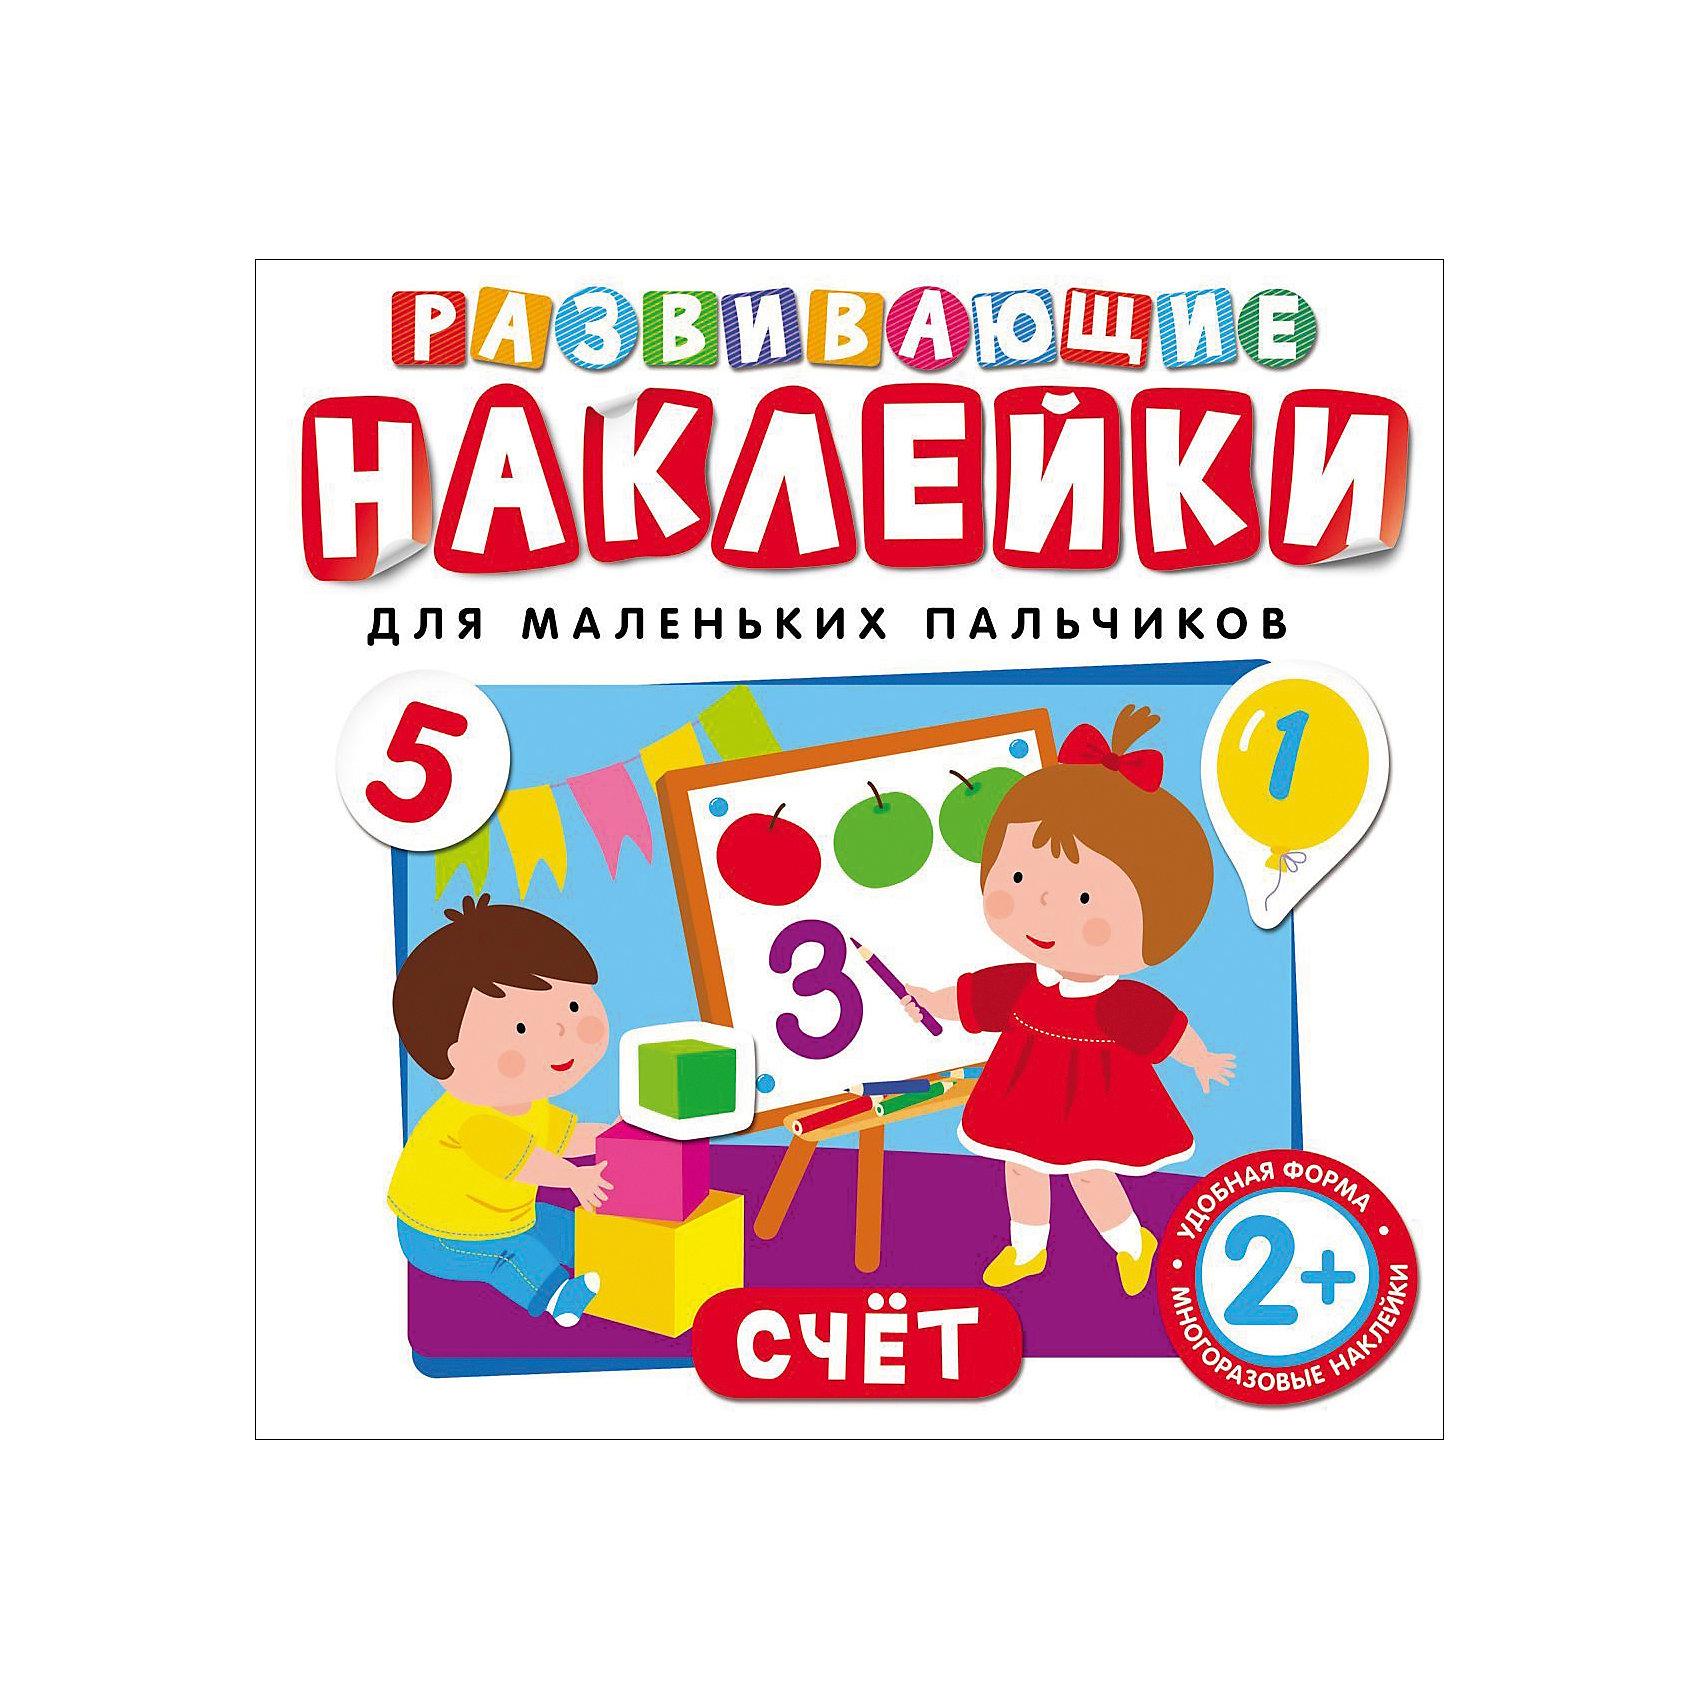 Развивающие наклейки СчетТворчество для малышей<br>Характеристики товара:<br><br>- цвет: разноцветный;<br>- материал: бумага;<br>- страниц: 12;<br>- формат: 84x100/12;<br>- обложка: мягкая;<br>- развивающее издание.<br><br>Это интересное развивающее издание станет отличным подарком для ребенка. Оно содержит в себе задания, которые можно выполнить с помощью наклеек. Всё представлено в очень простой форме! Наклейки многоразовые, их можно клеить куда угодно или выполнять задания заново. Простые интересные задачки помогут привить любовь к учебе!<br>Выполнение таких заданий помогает ребенку развивать зрительную память, концентрацию внимания и воображение. Издание произведено из качественных материалов, которые безопасны даже для самых маленьких.<br><br>Развивающие наклейки Счет от компании Росмэн можно купить в нашем интернет-магазине.<br><br>Ширина мм: 245<br>Глубина мм: 245<br>Высота мм: 3<br>Вес г: 87<br>Возраст от месяцев: 0<br>Возраст до месяцев: 36<br>Пол: Унисекс<br>Возраст: Детский<br>SKU: 5110005